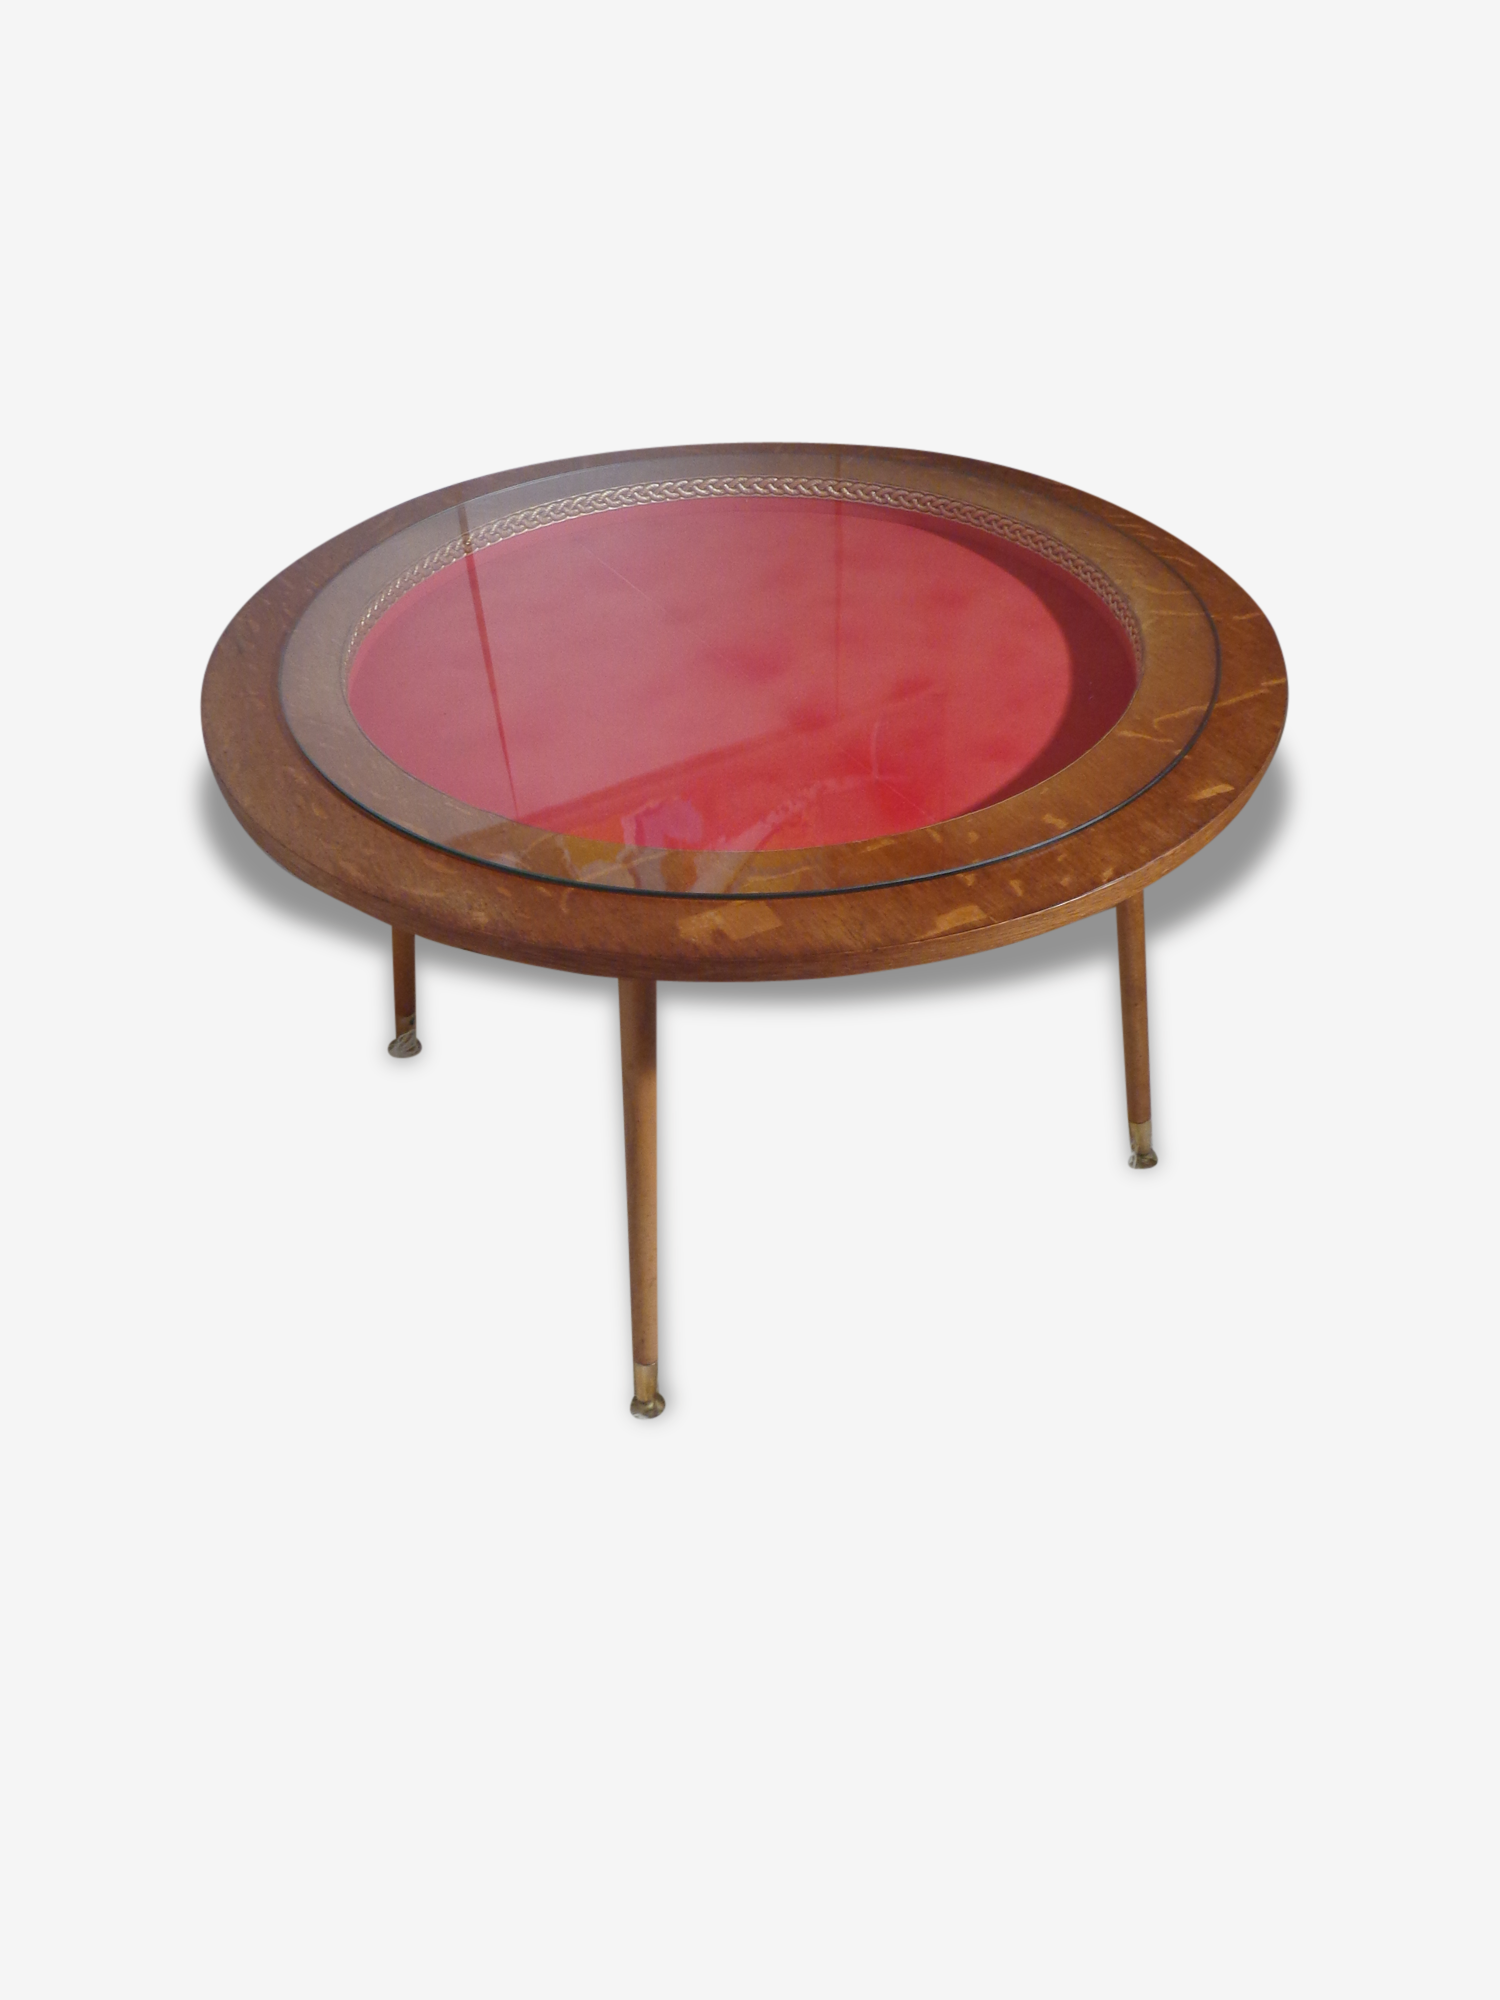 Originale table basse ronde vintage des années 60  ou table de jeux de jeux pieds compas